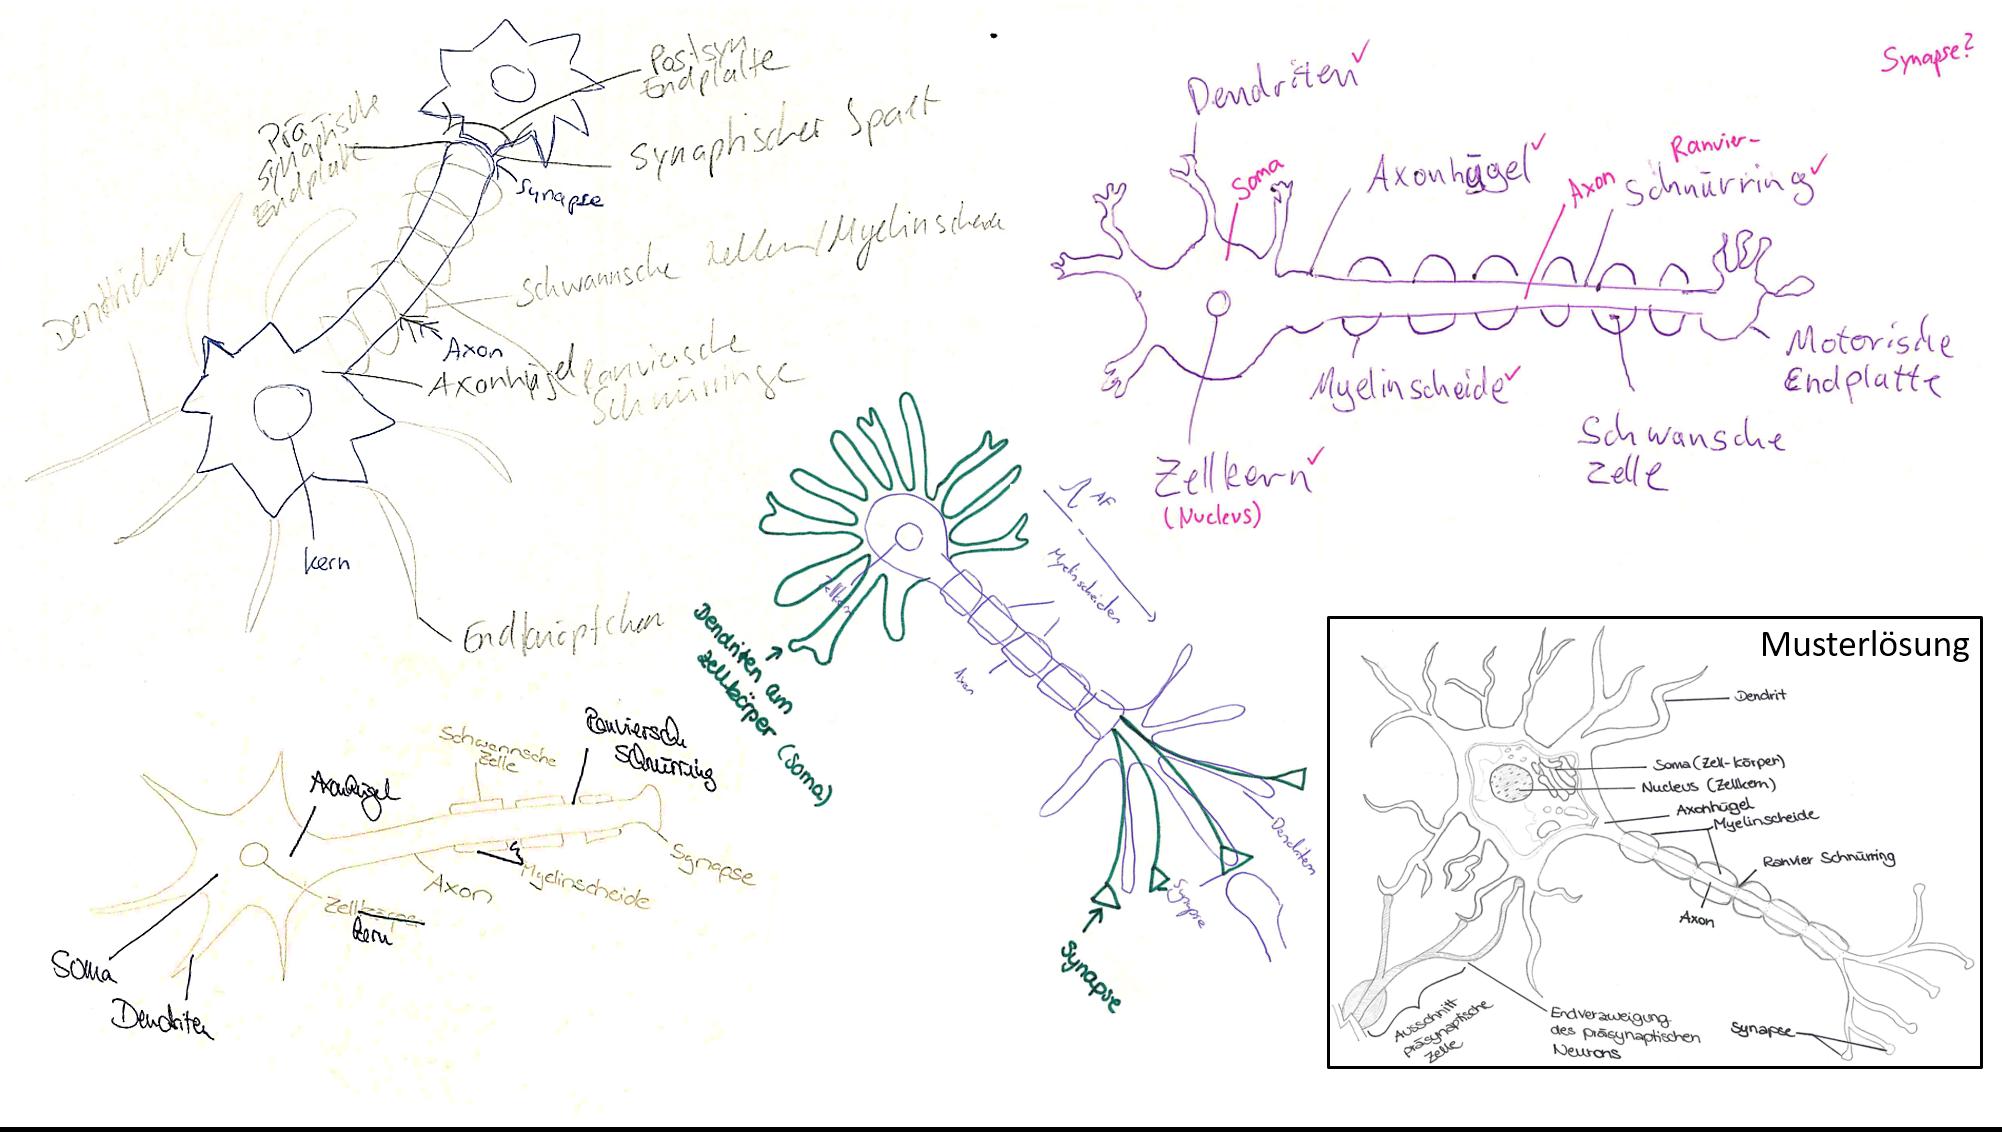 Abb. 1: Studierende zeichnen eine Nervenzelle. Nach dem fachlichen Input durch eine Lehrperson, verbessern Sie die Zeichnung eines Mitstudenten oder -studentin und interpretieren die Fehler.